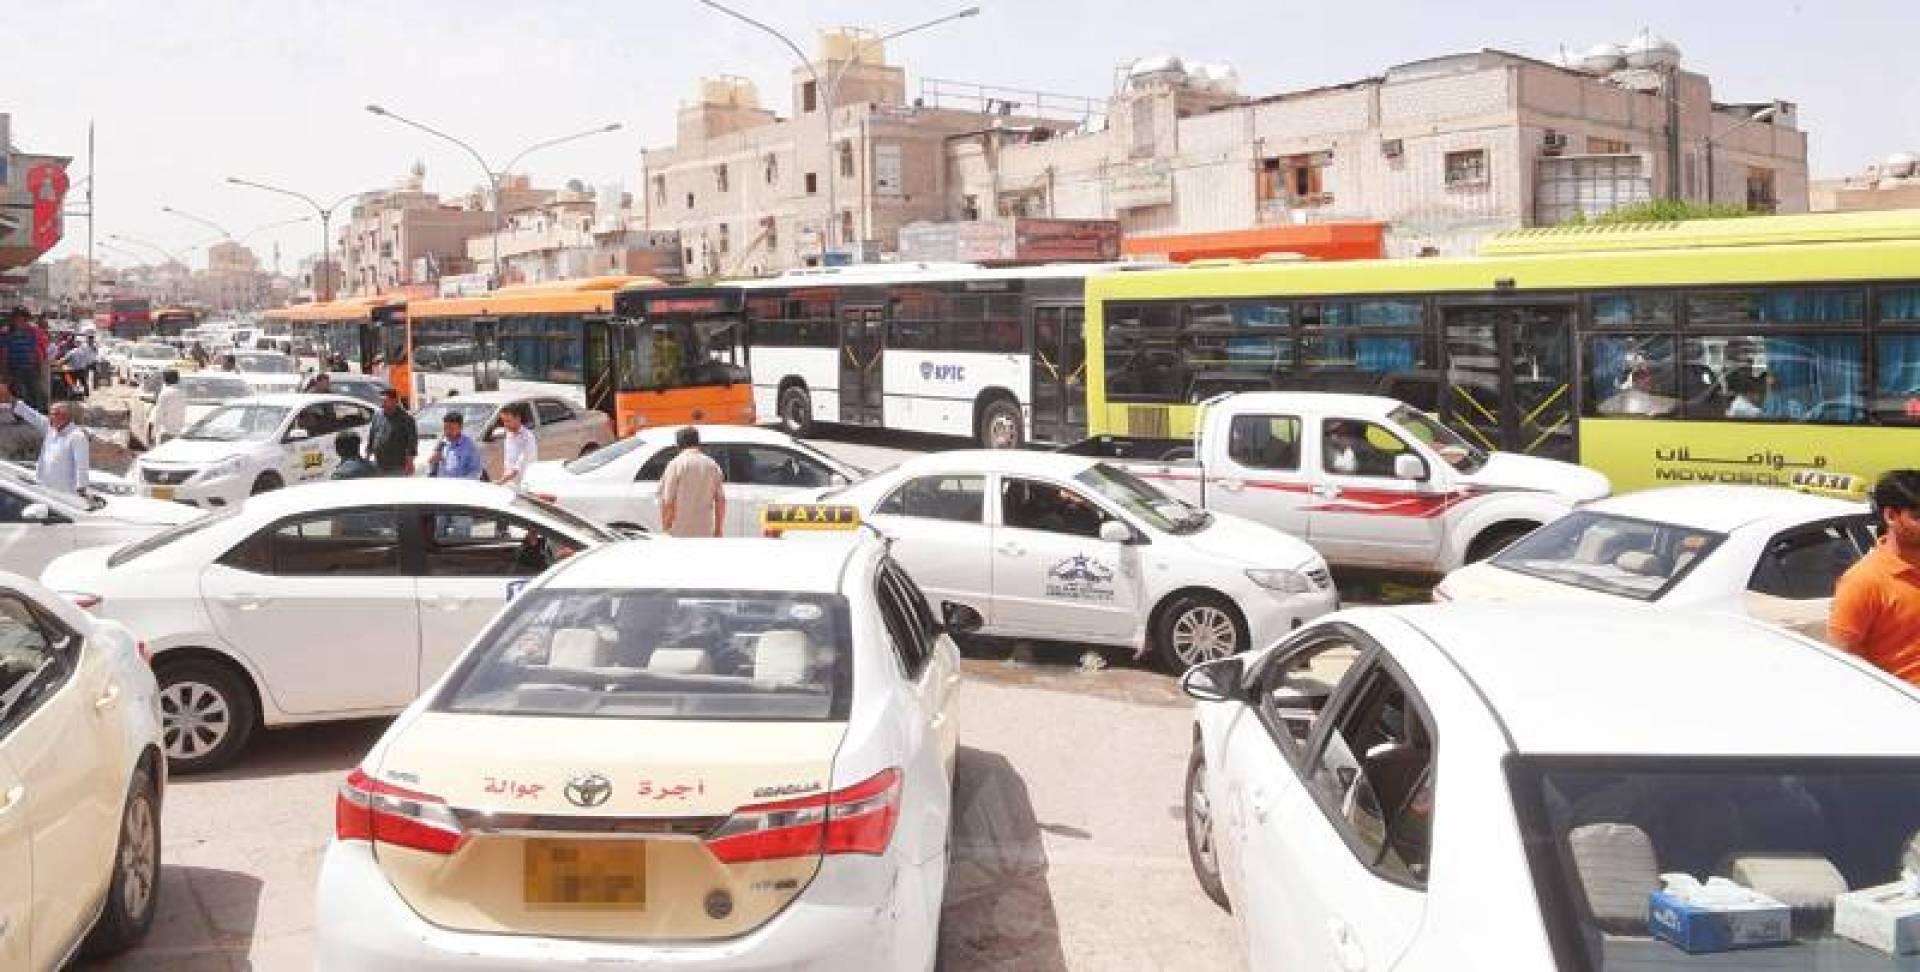 فوضى المرور في الجليب | تصوير حسني هلال